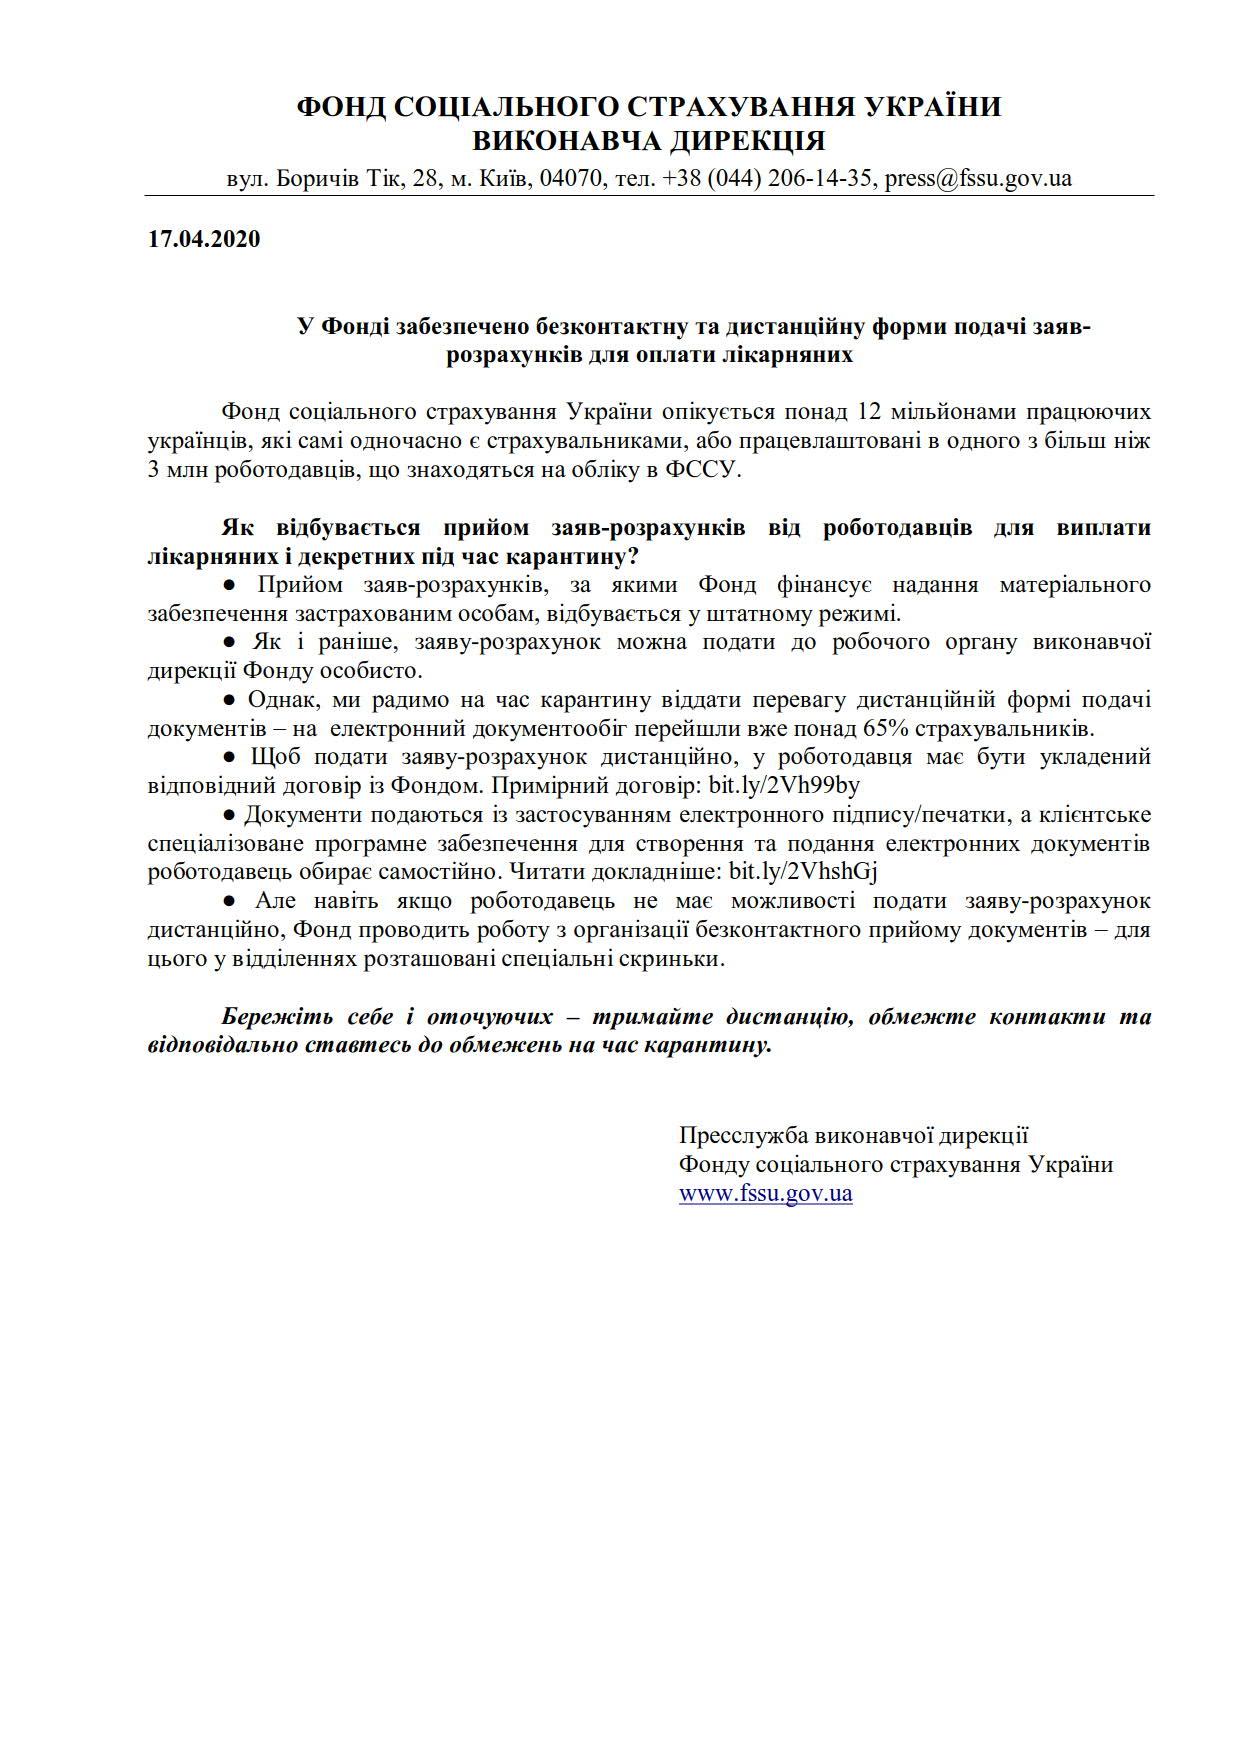 ФССУ_Подача заяв на час карантину_1